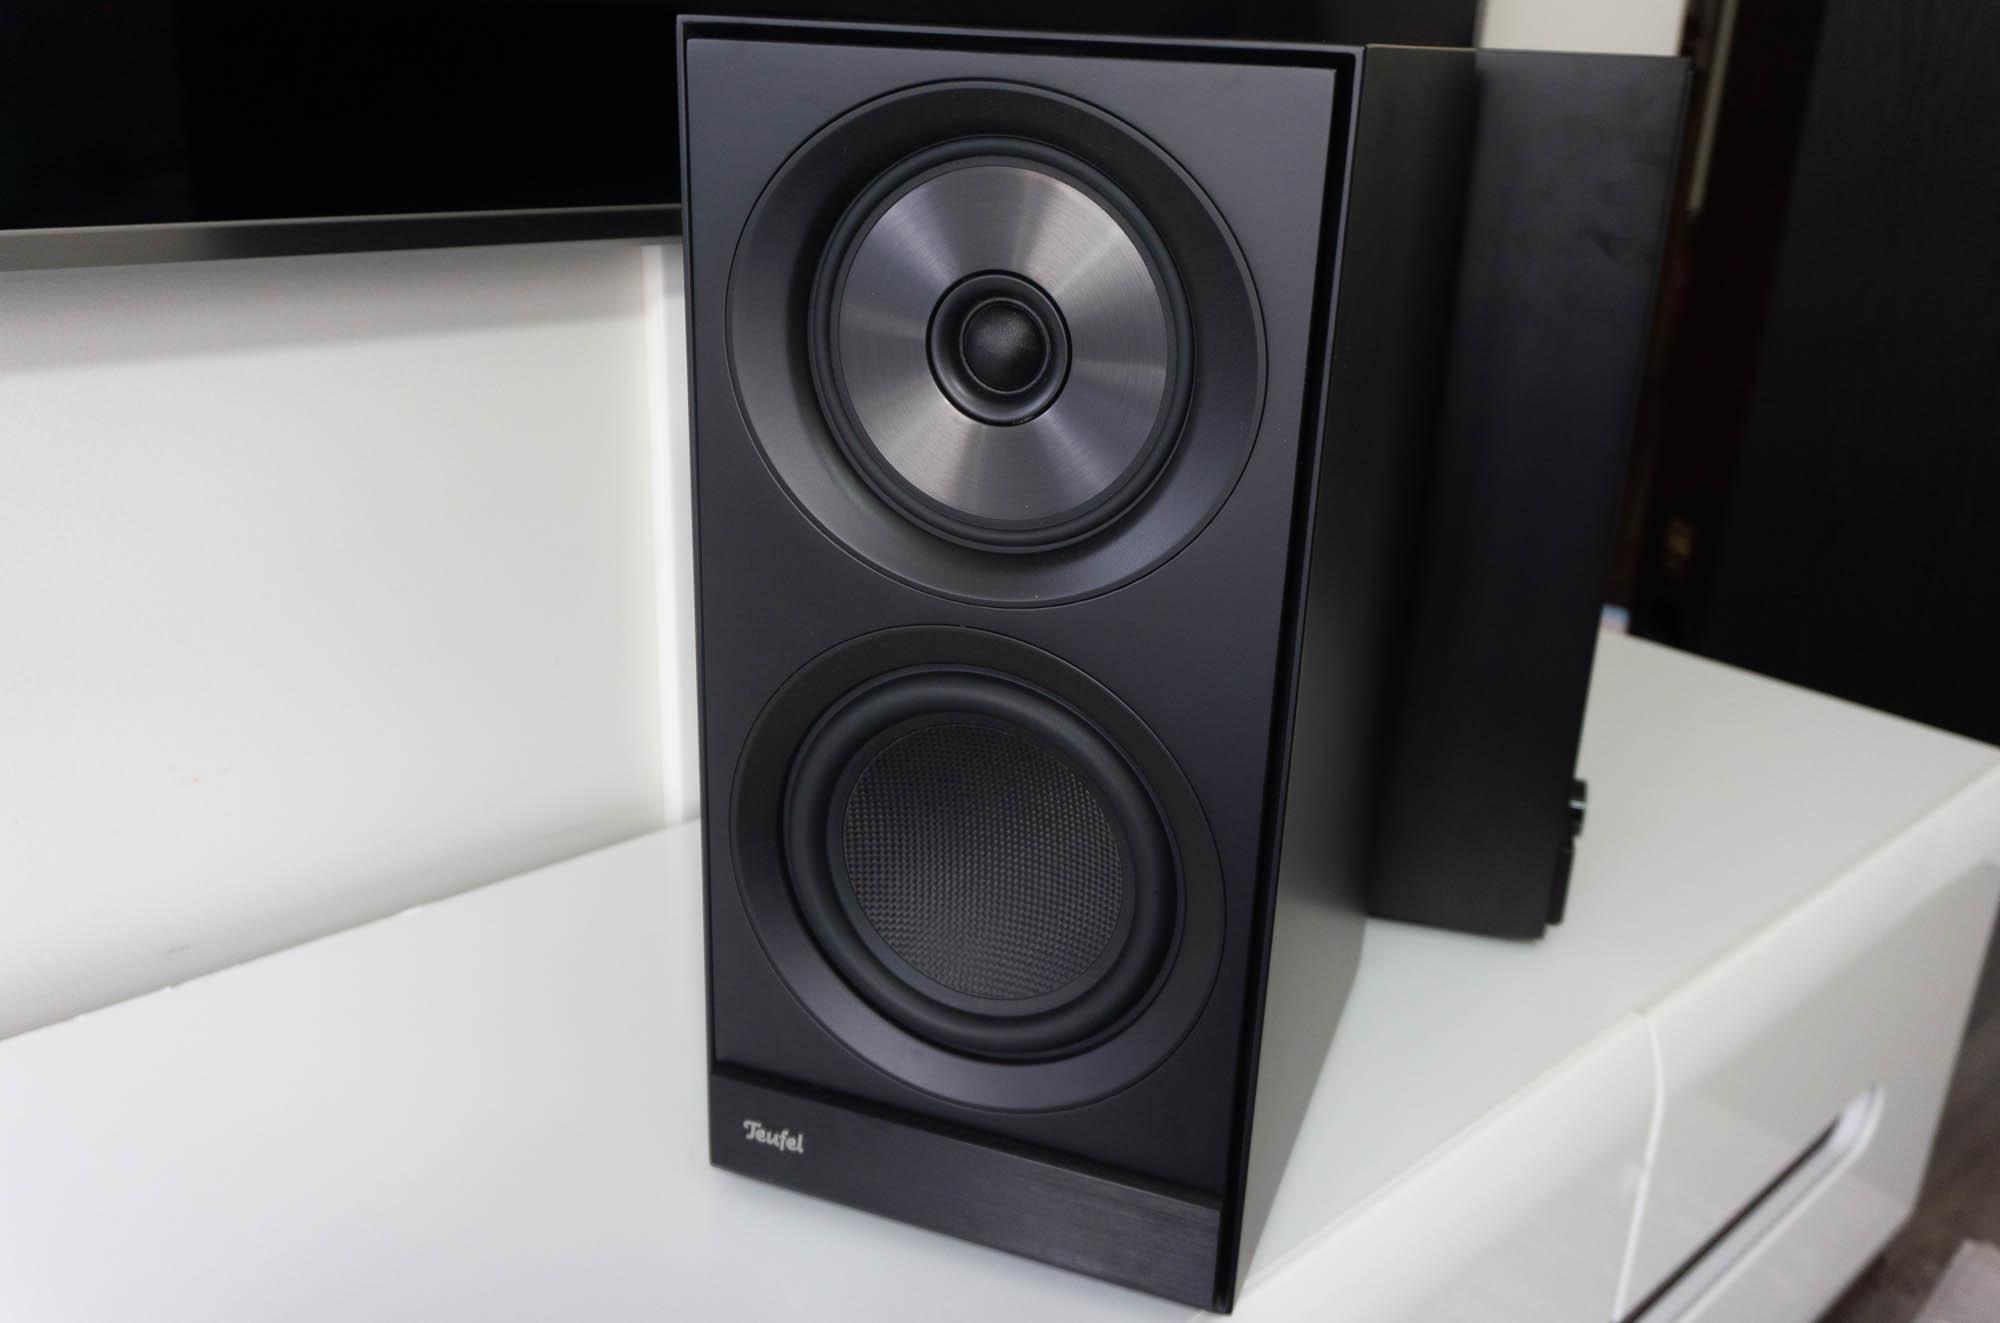 Dyskretny dostawca wielkiej przyjemności - Teufel Stereo M (recenzja) 33